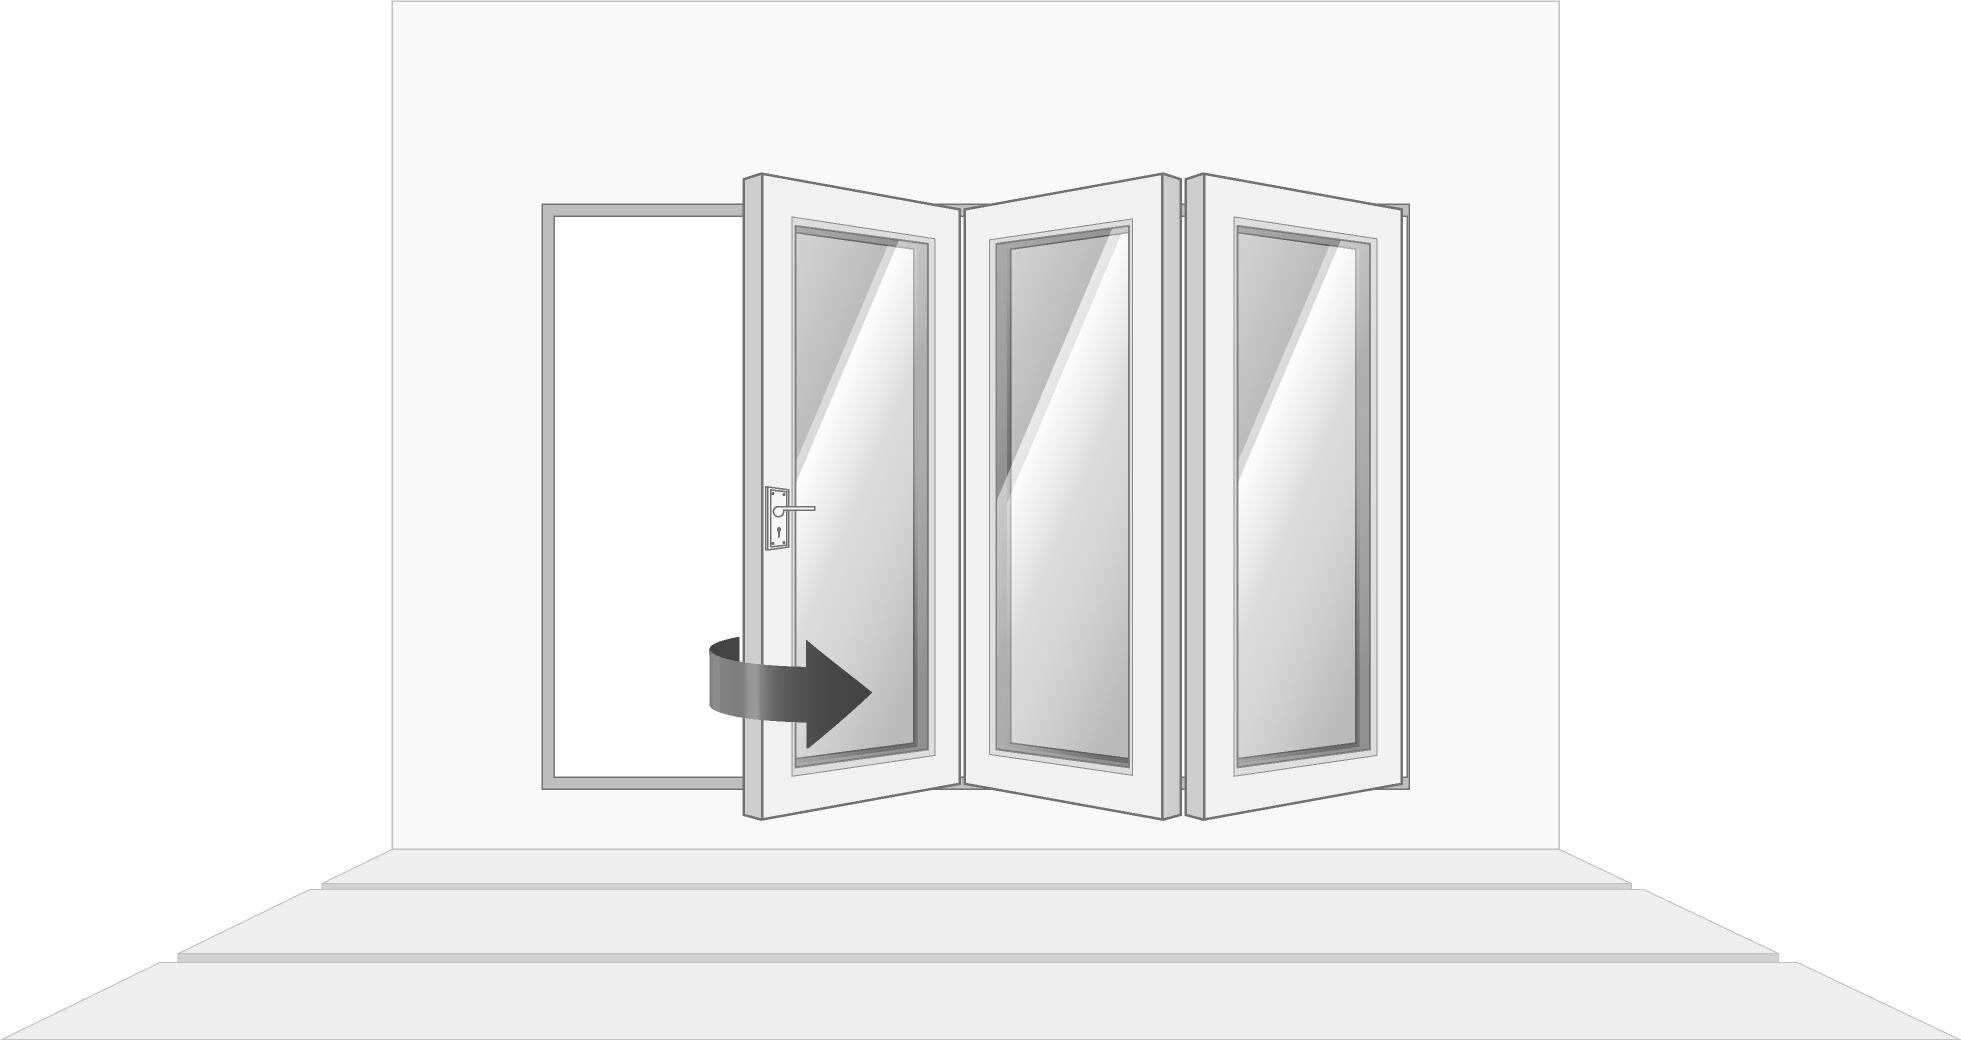 3-door right opening, open